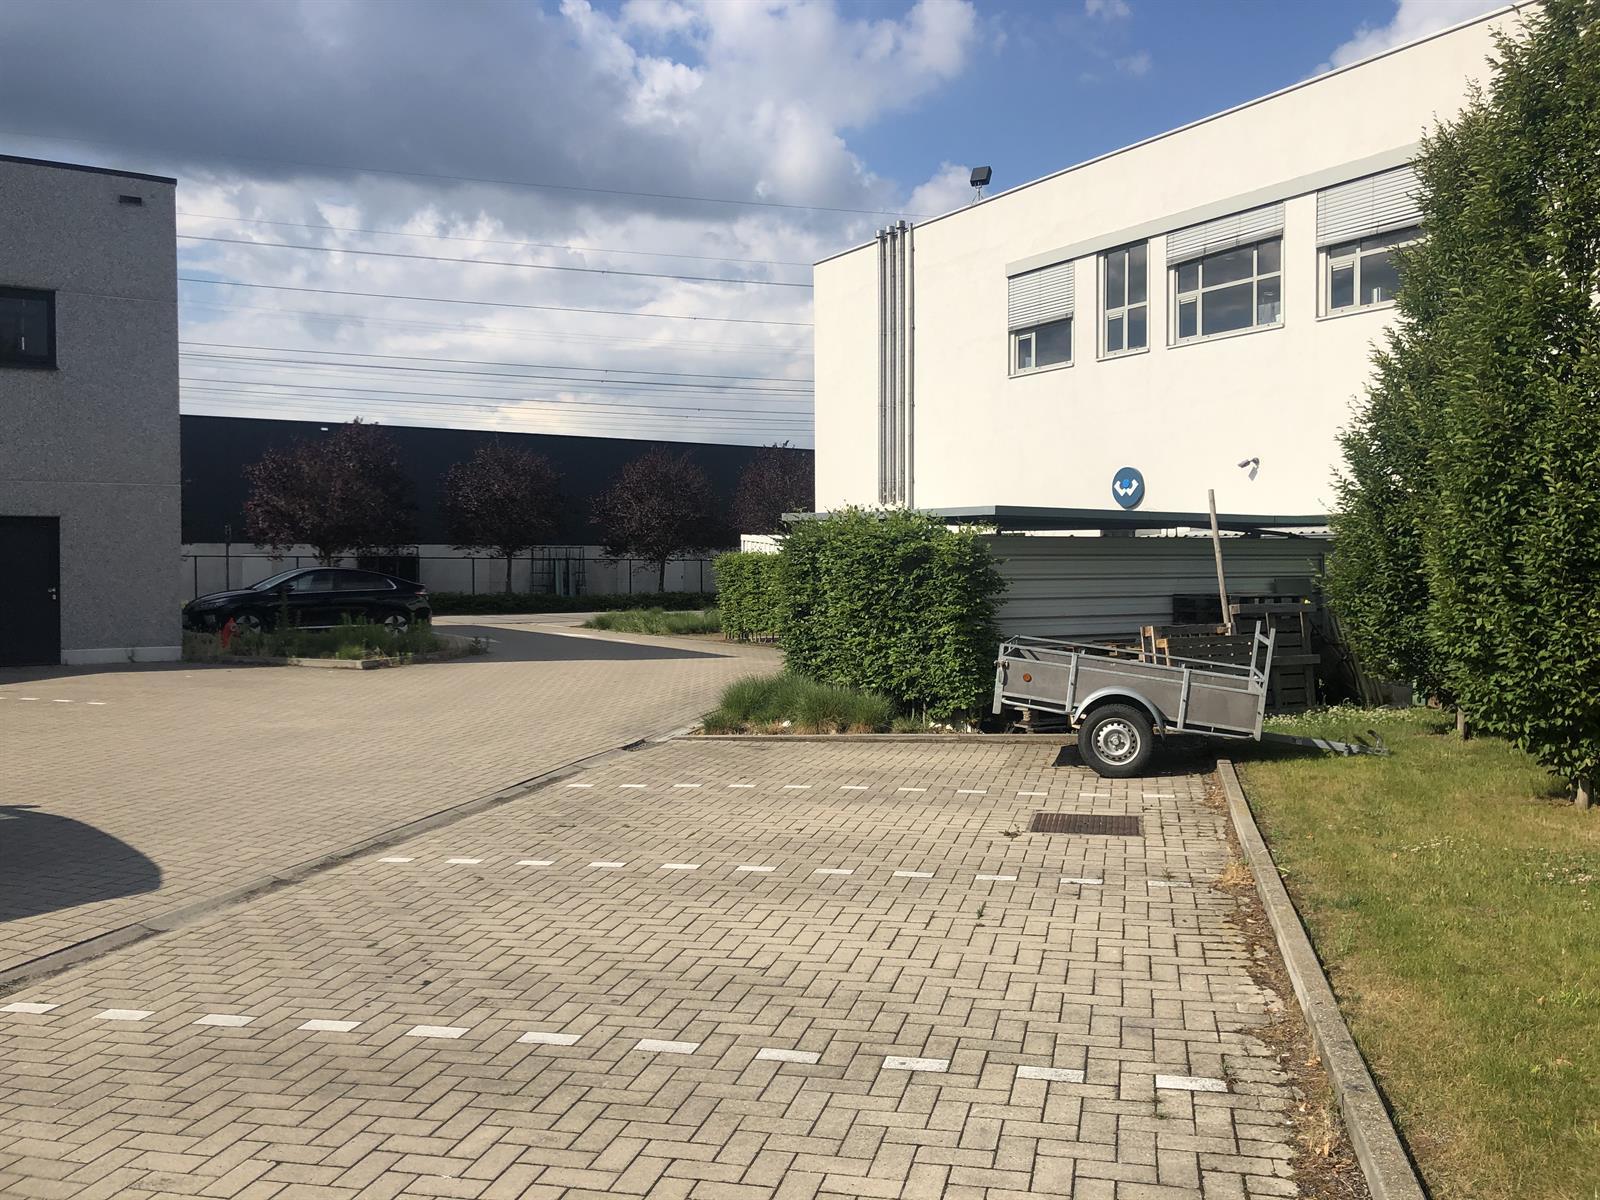 KMO-unit te koop I124 - Schoenstraat 11 K, 9140 Temse, België 17